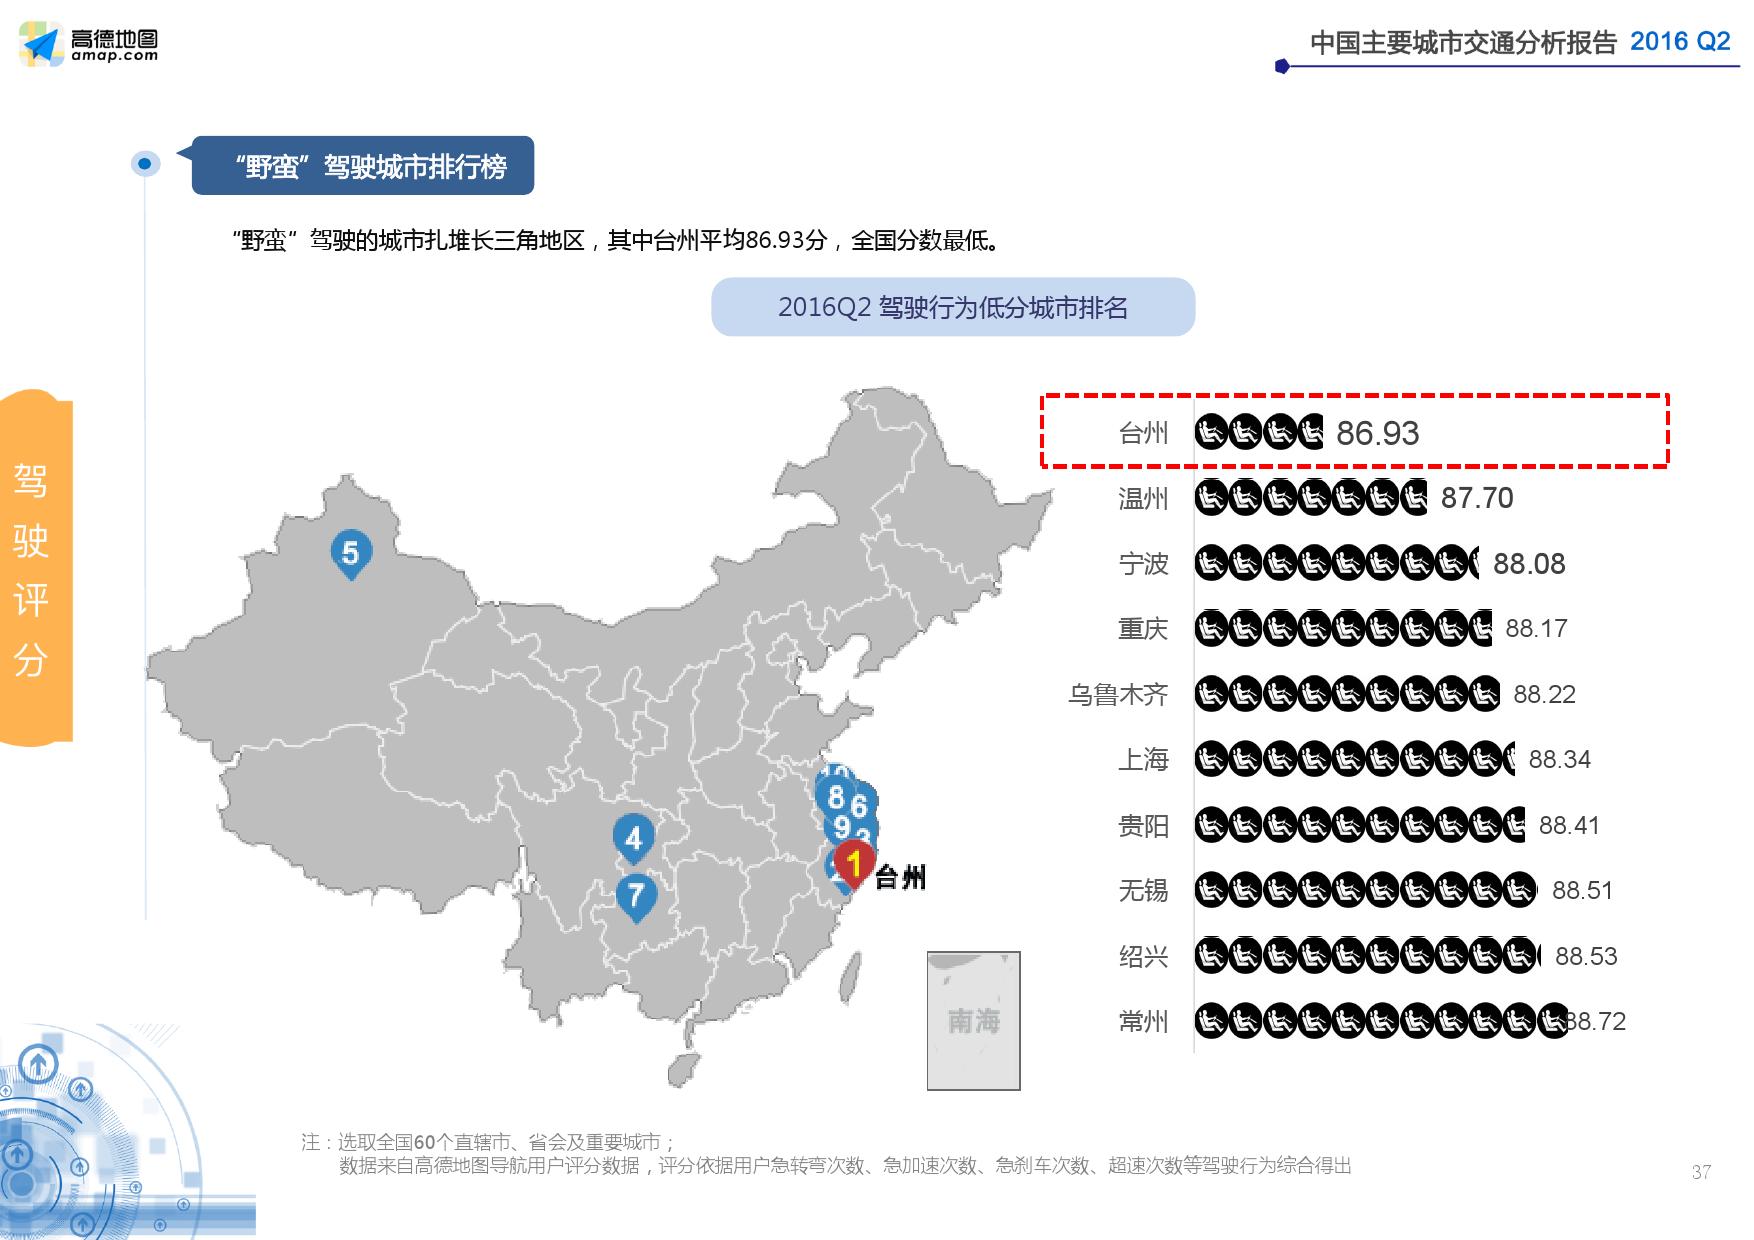 2016年Q2中国主要城市交通分析报告_000037